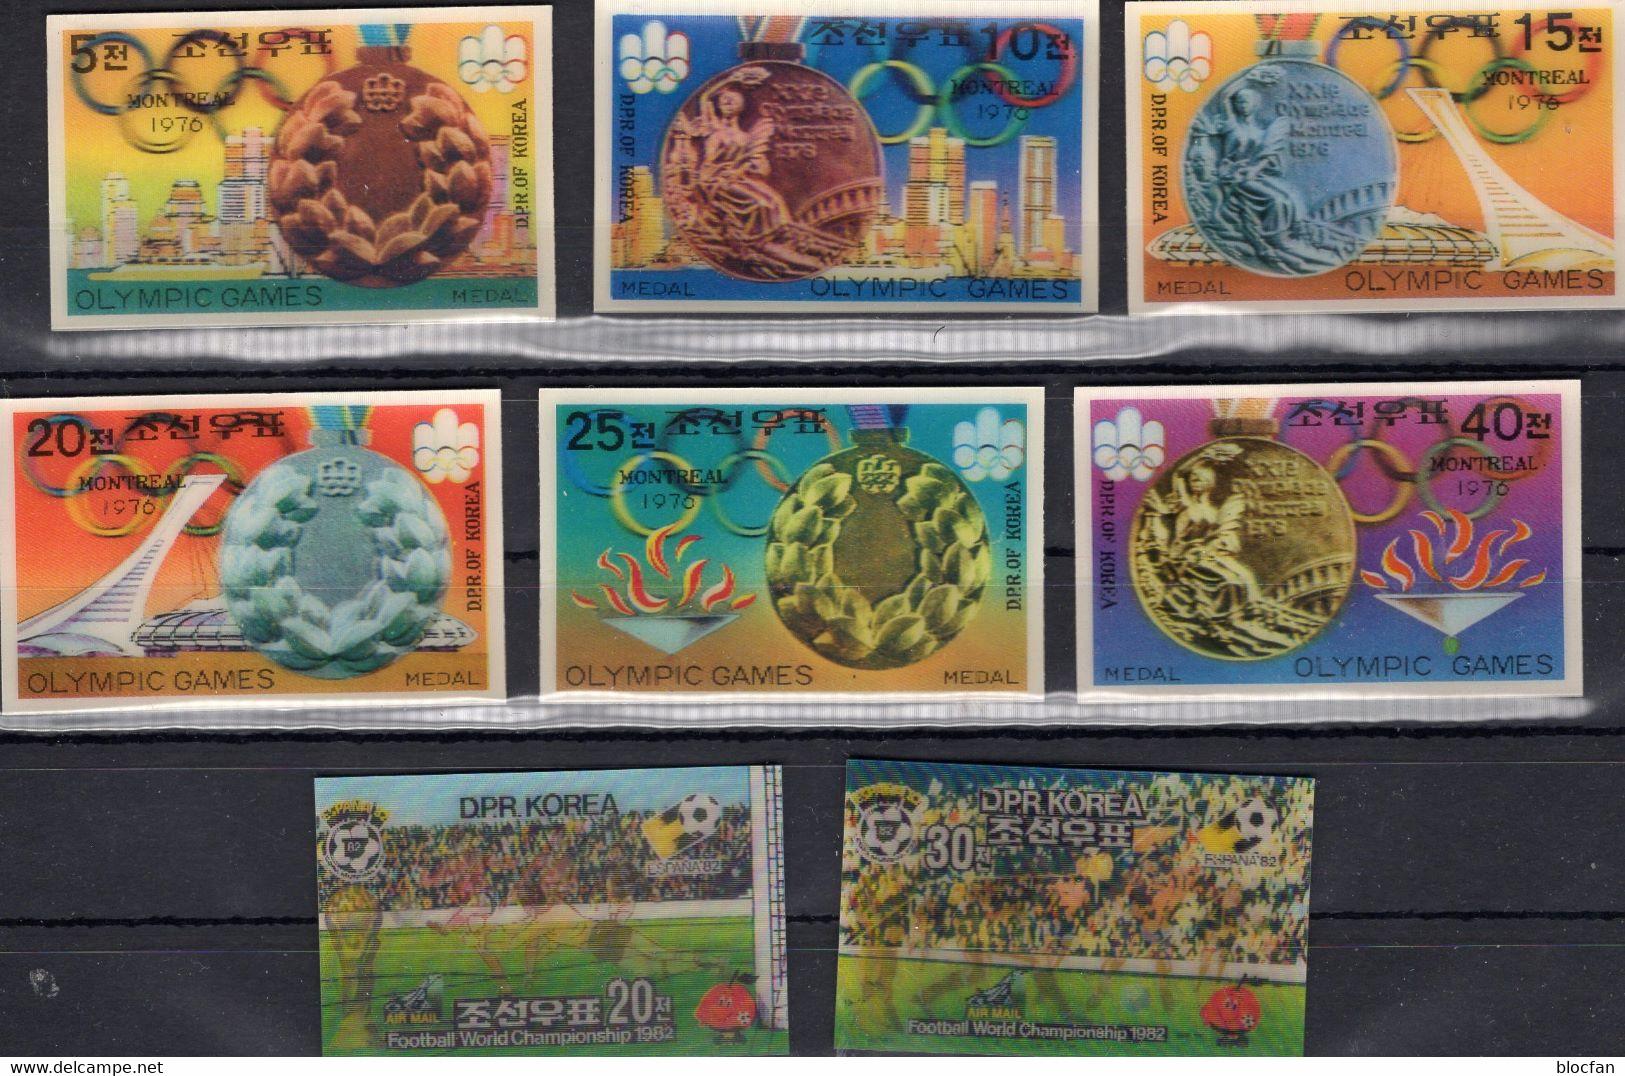 Münzen Deutschland/EURO MICHEL 2018 New 30€ D Ab 1871 3.Reich BRD DDR Numismatik Coins Catalogue 978-3-95402-230-4 - Timbres